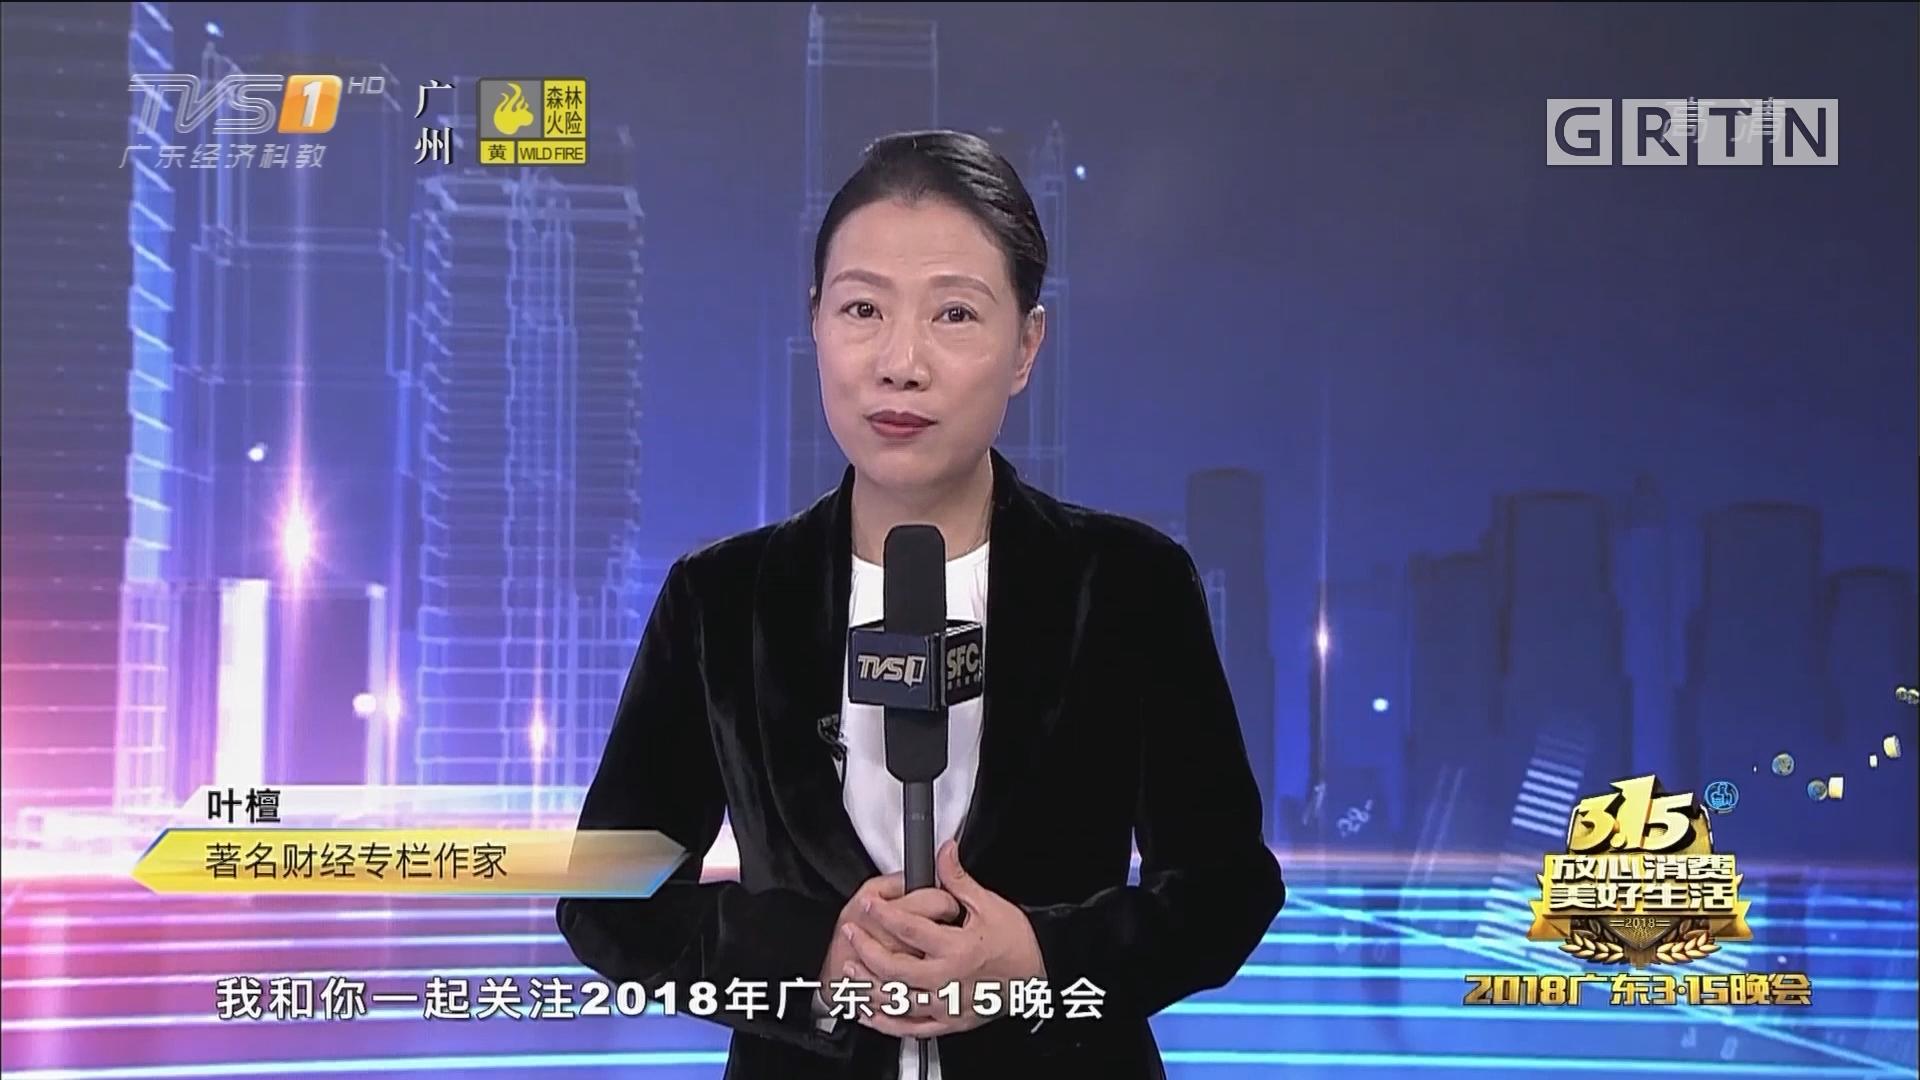 2018广东3▪15晚会紧张筹备中!